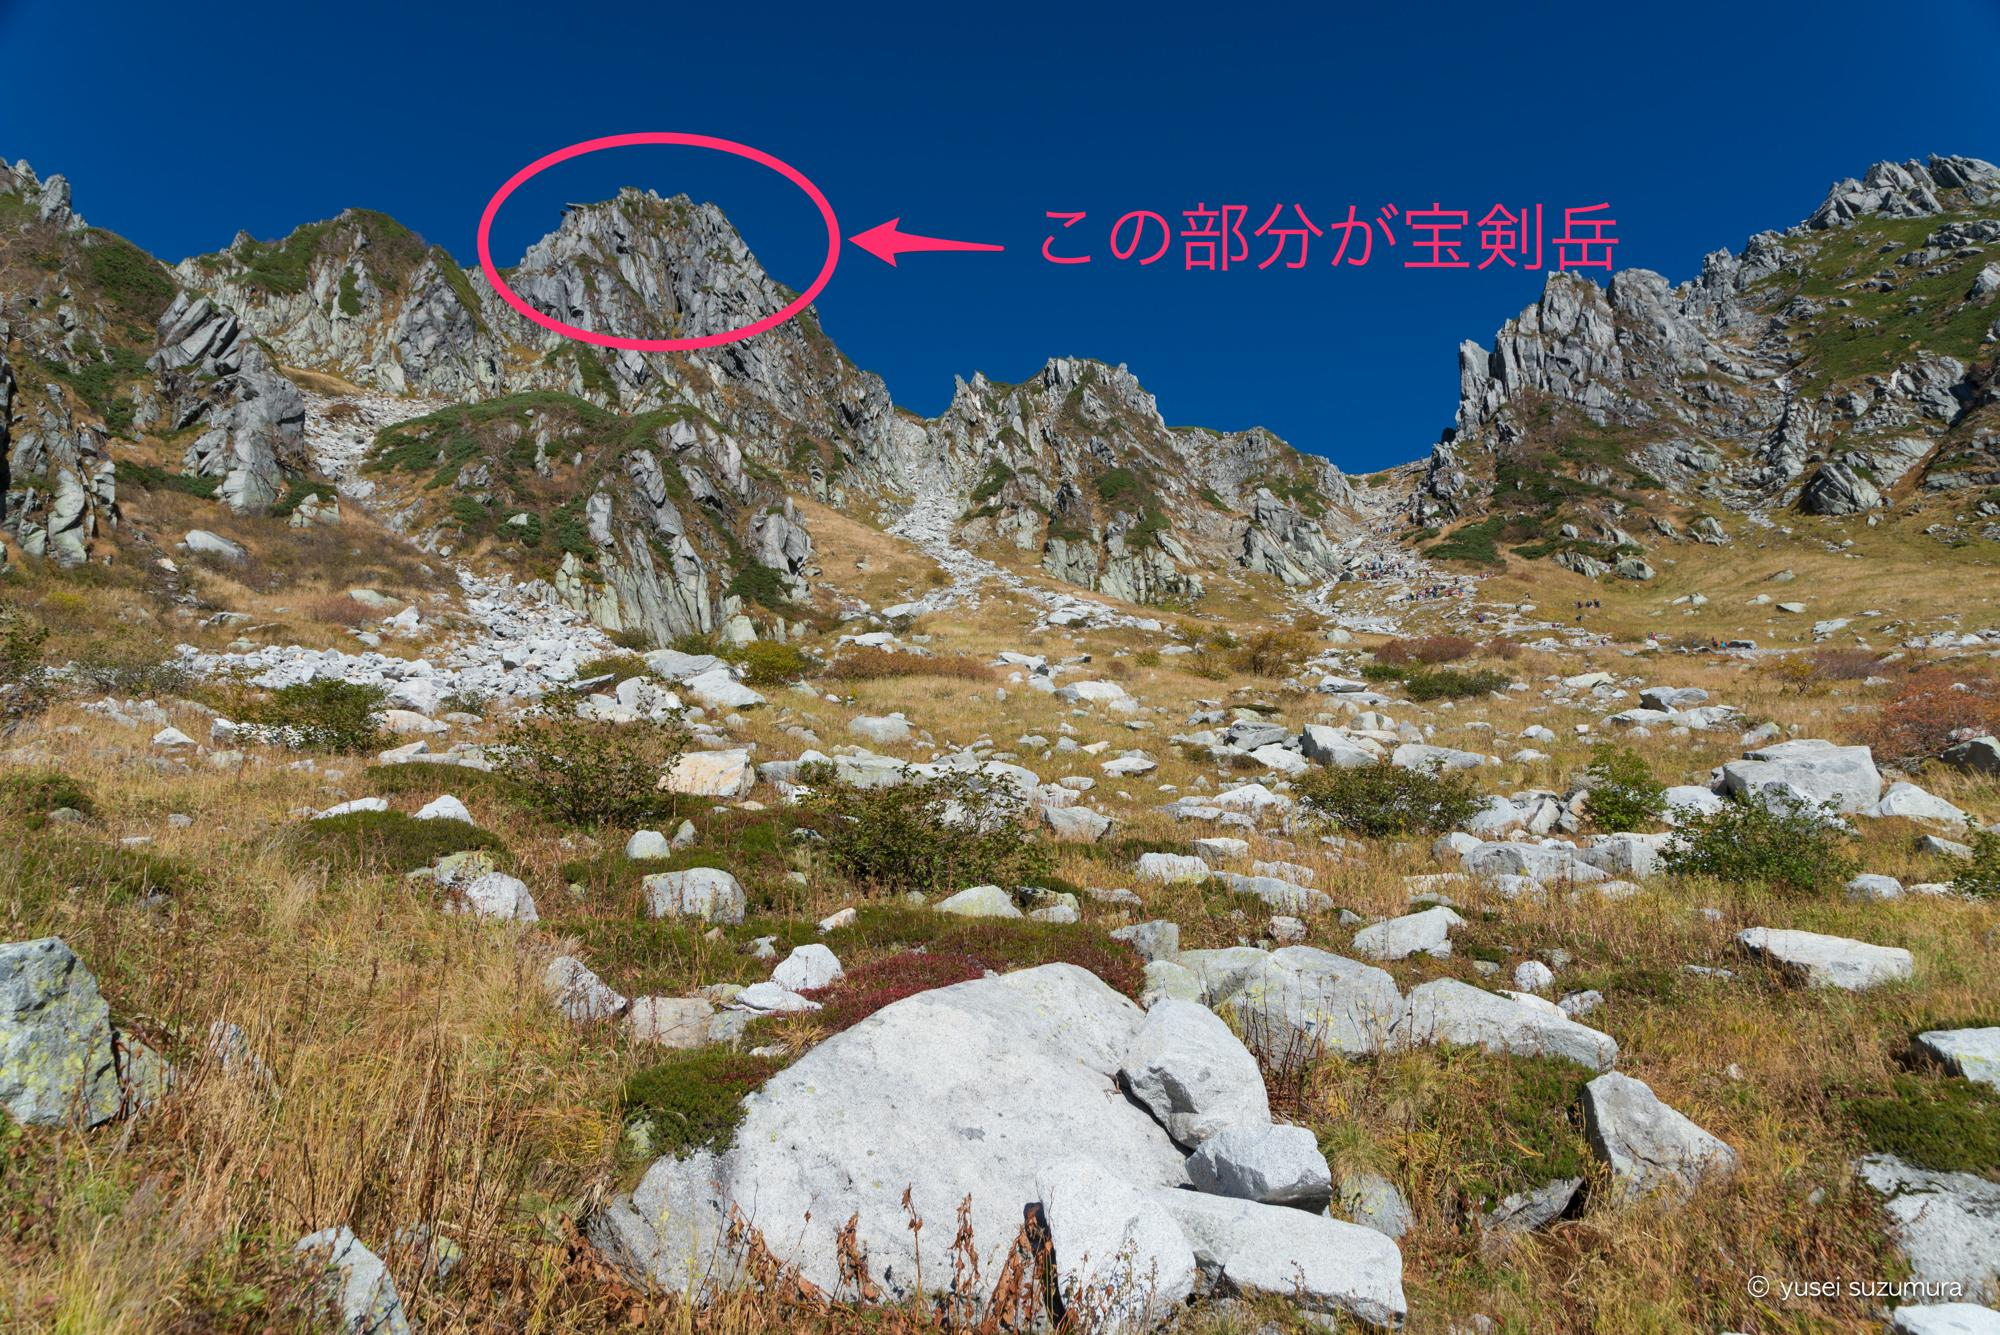 千畳敷カール 宝剣岳